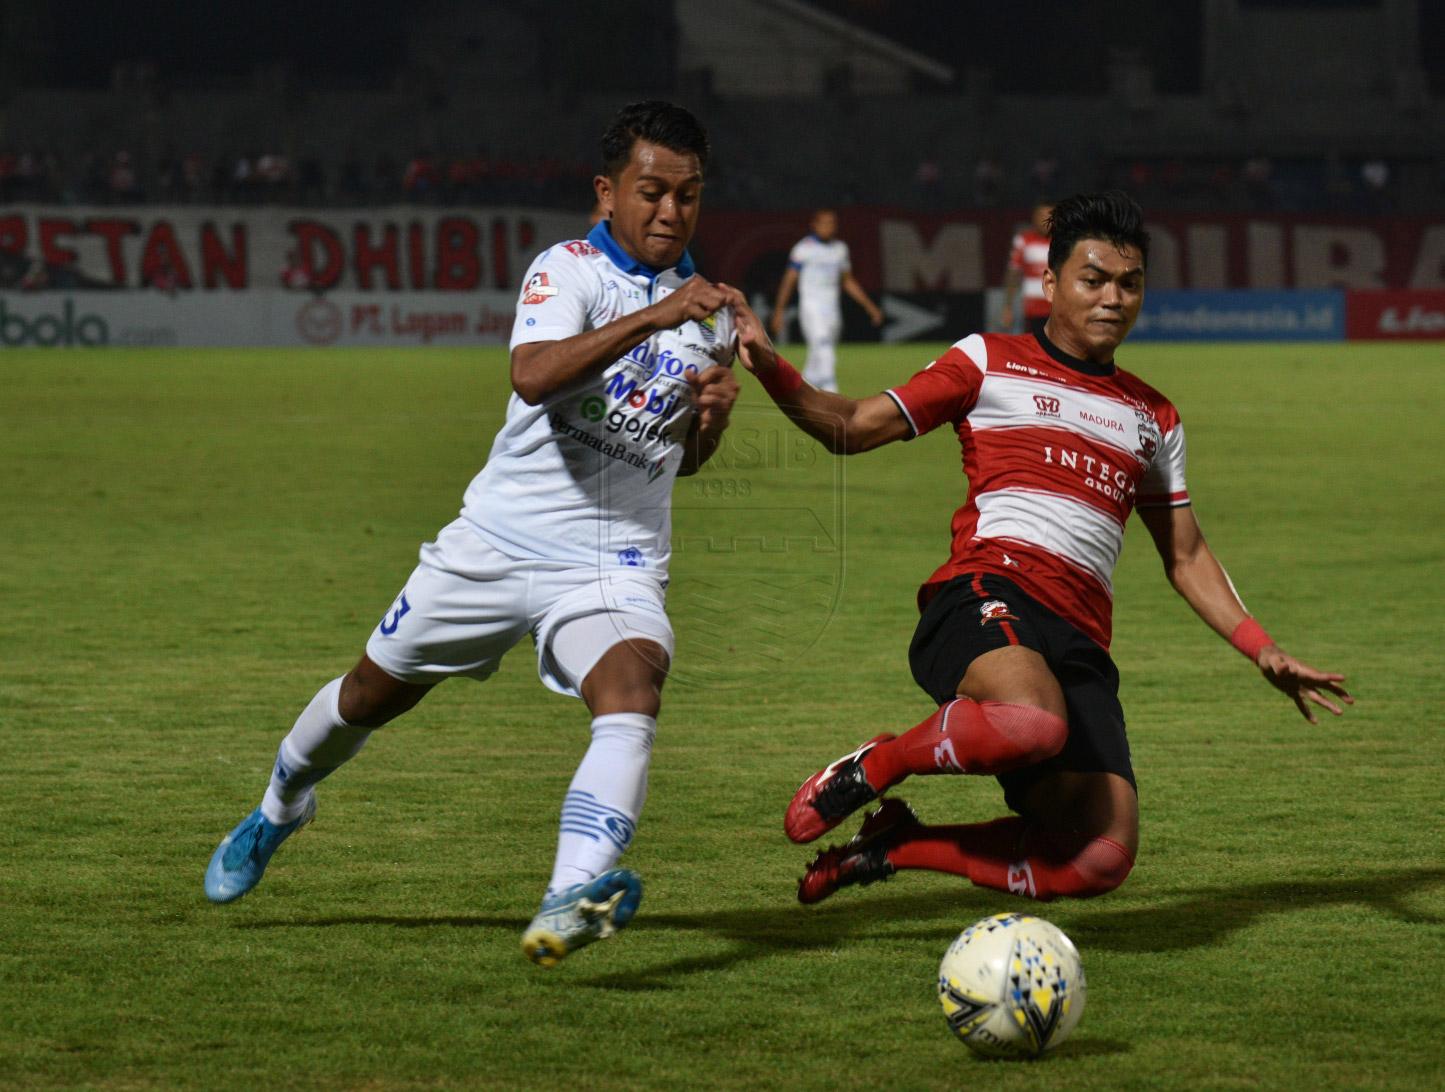 Persib Bandung gagal mengakhiri kutukannya saat melawat ke kandang Madura United. Persib harus rela ditekuk Madura United dengan skor 1-2 di Stadion Gelora Bangkalan, Sabtu (5/10). Foto: Persib